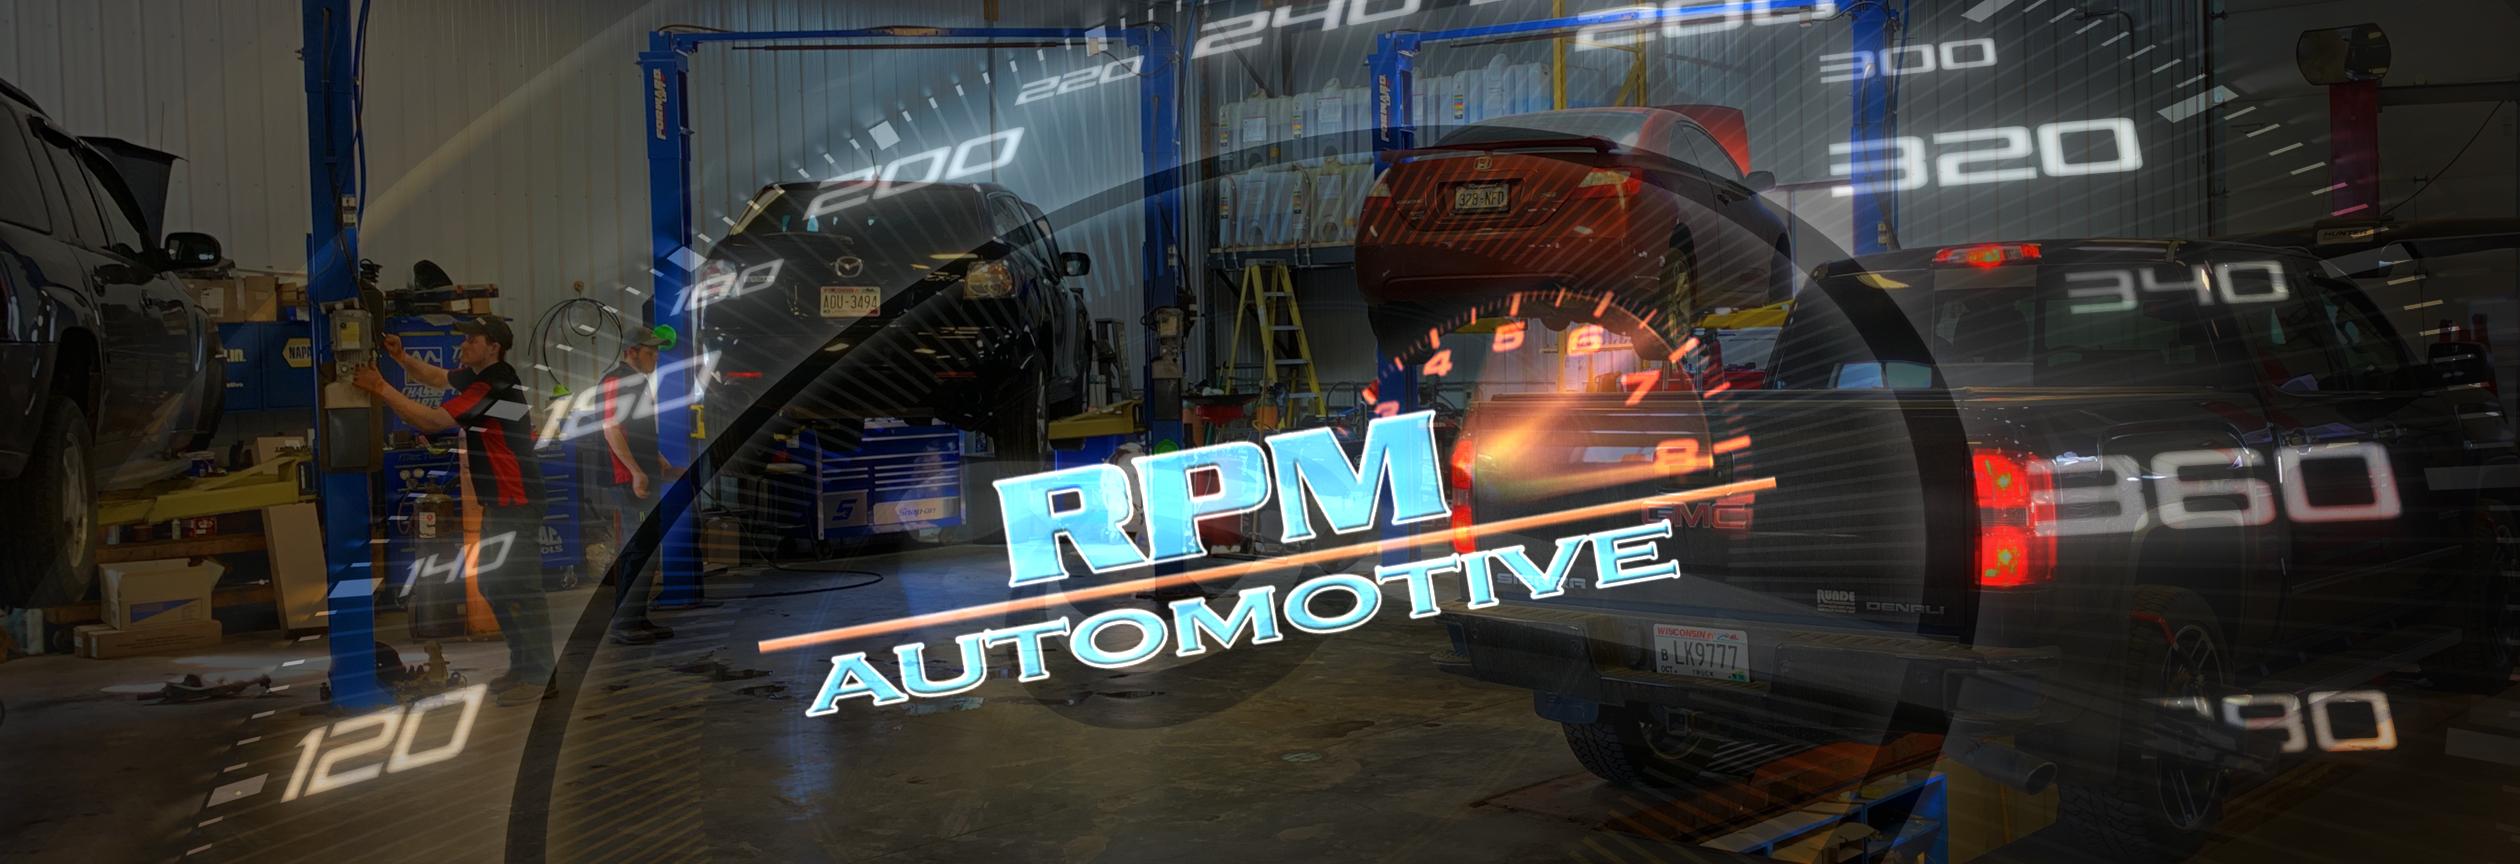 RPM Automotive Posts